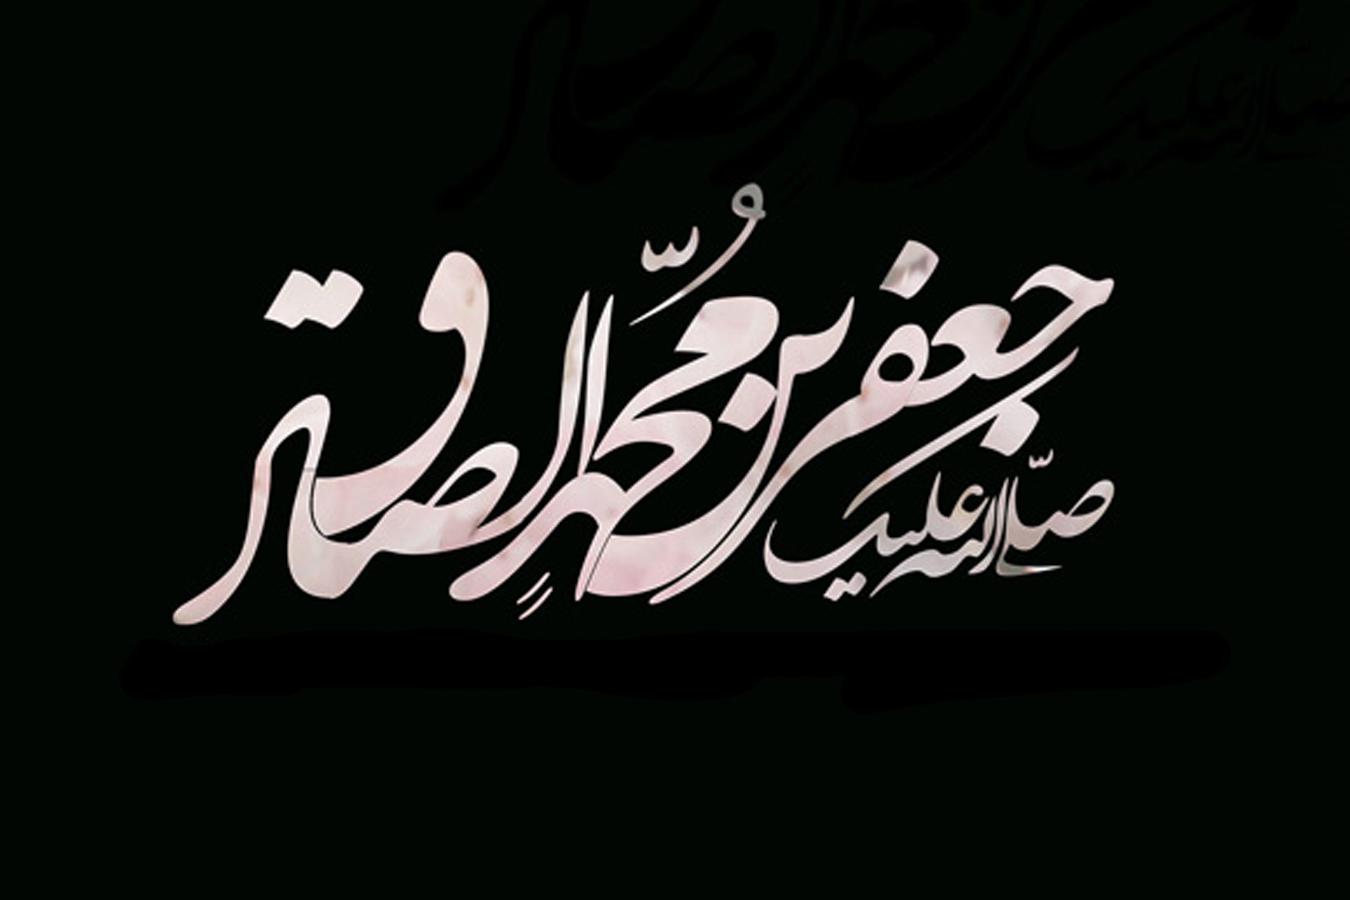 گذری بر زندگی امام جعفر صادق (ع) به مناسبت سالگرد شهادت ایشان + فیلم